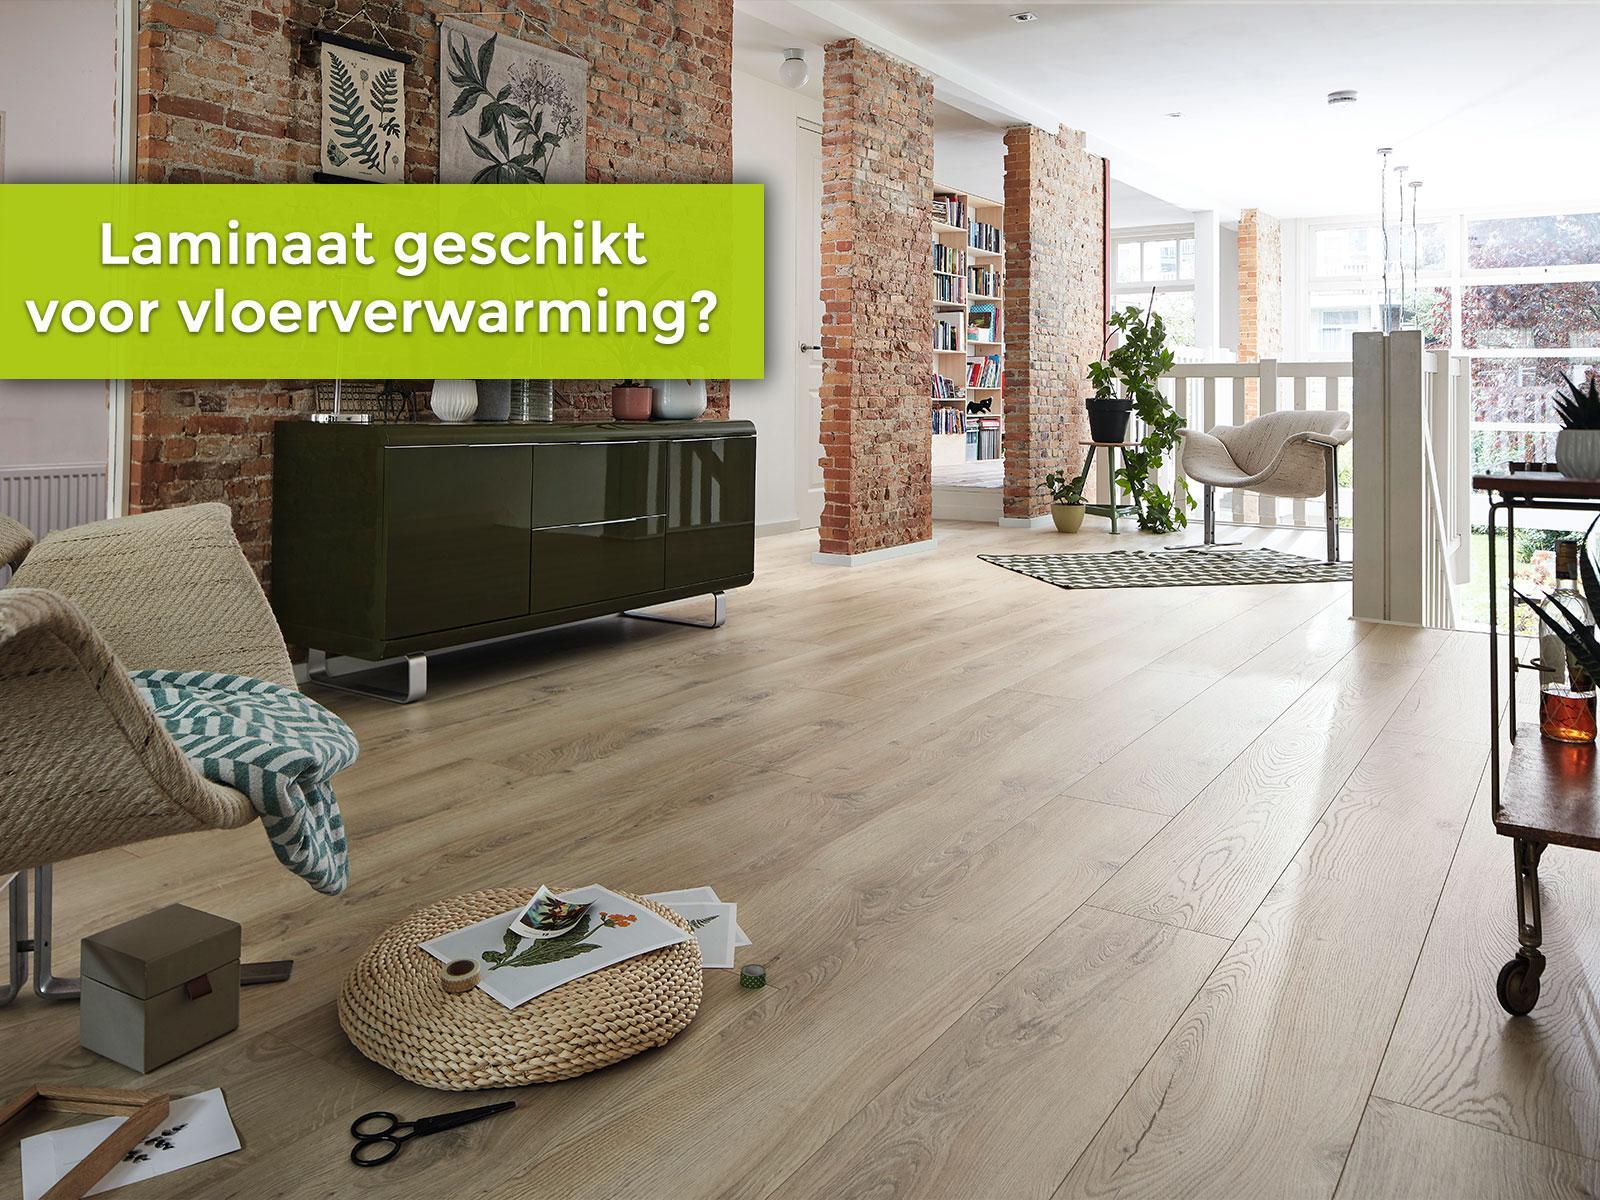 Is laminaat geschikt voor vloerverwarming?